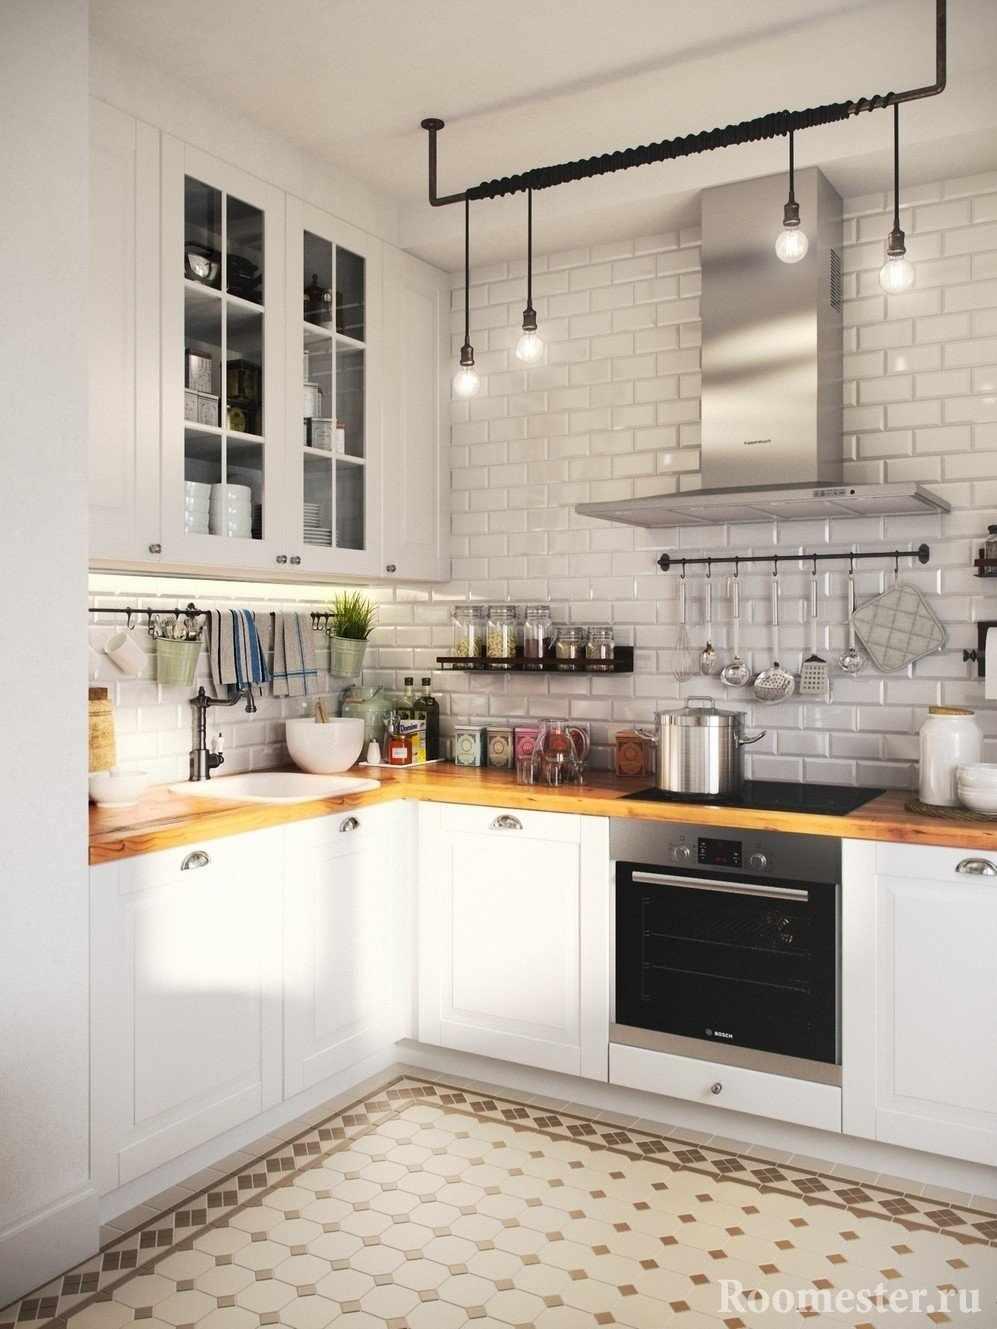 Кухня под стиль Лофт